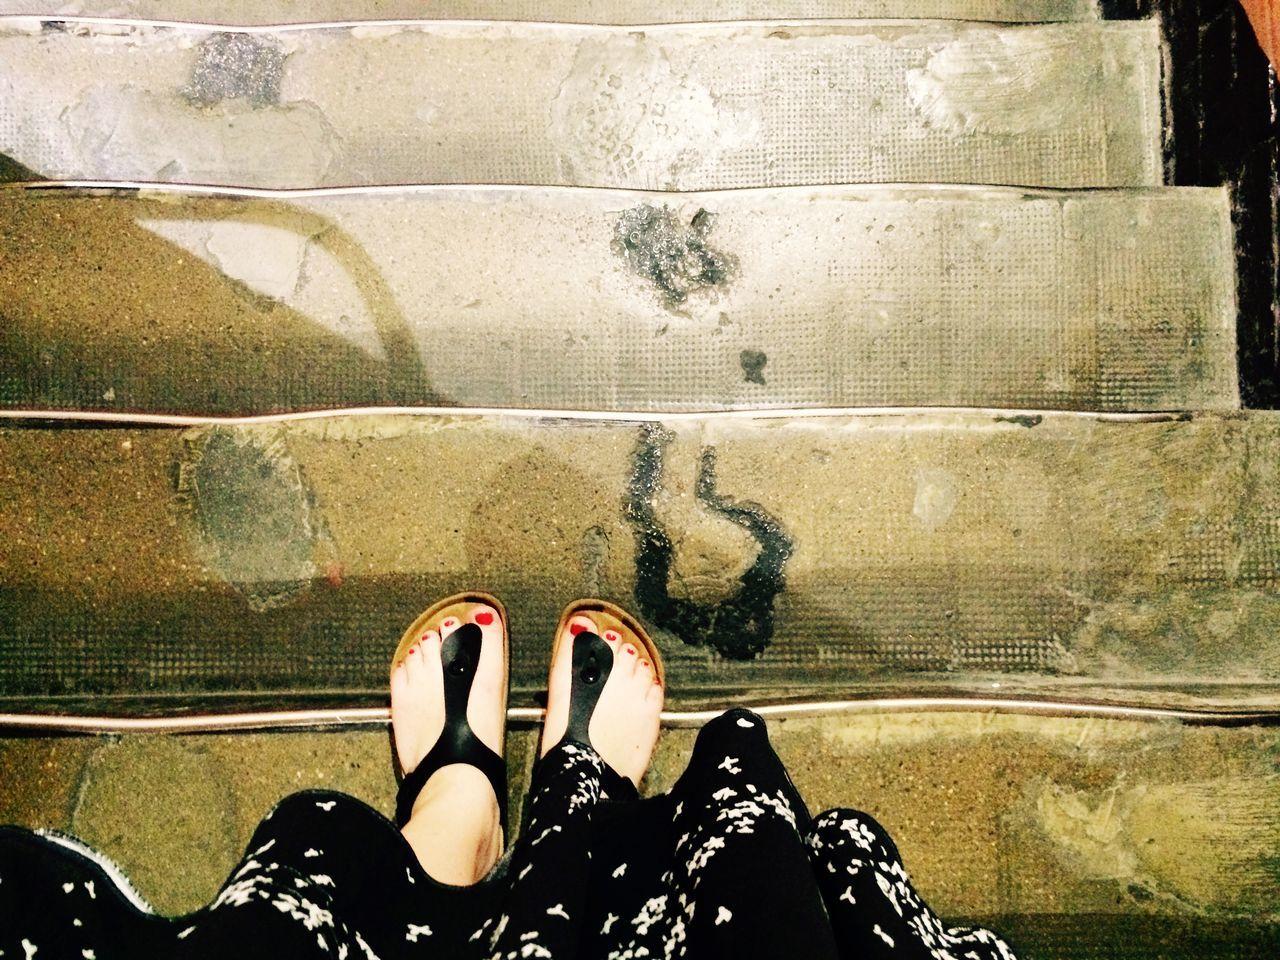 Stairways Onmywaytowork Schiefe Sichten Stairs